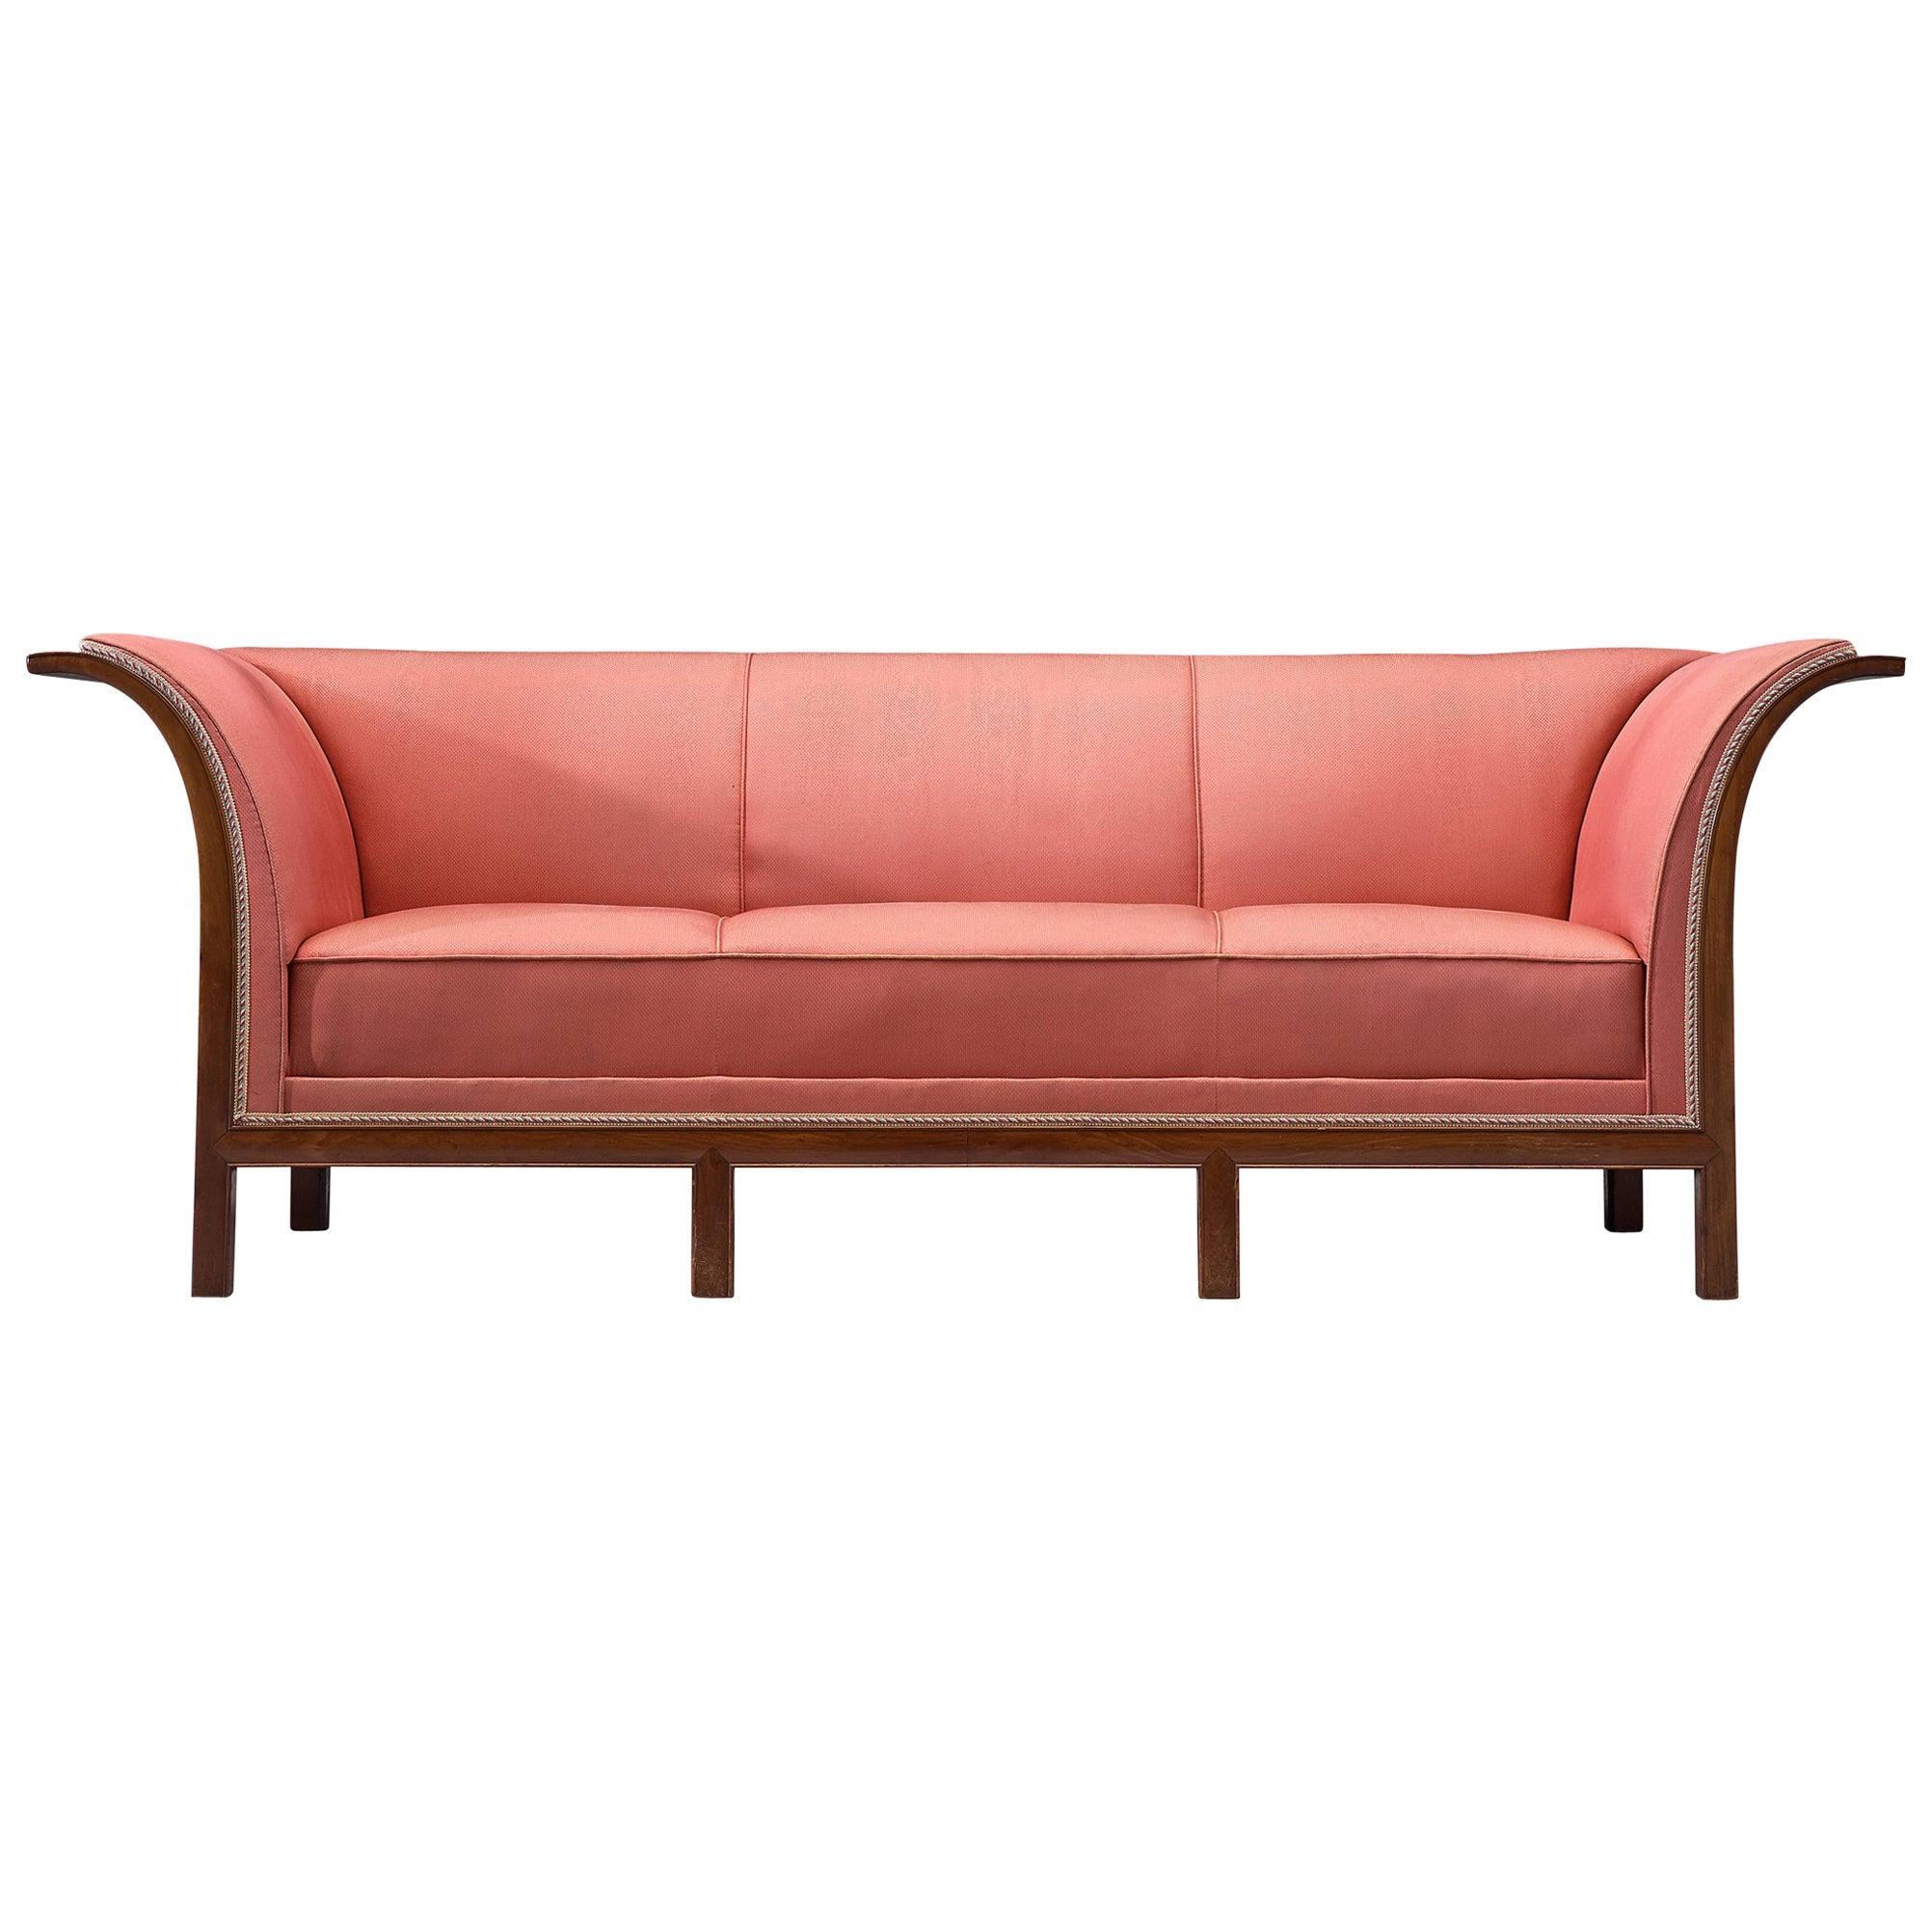 Frits Henningsen Sofa in Mahogany and Pink Fabric